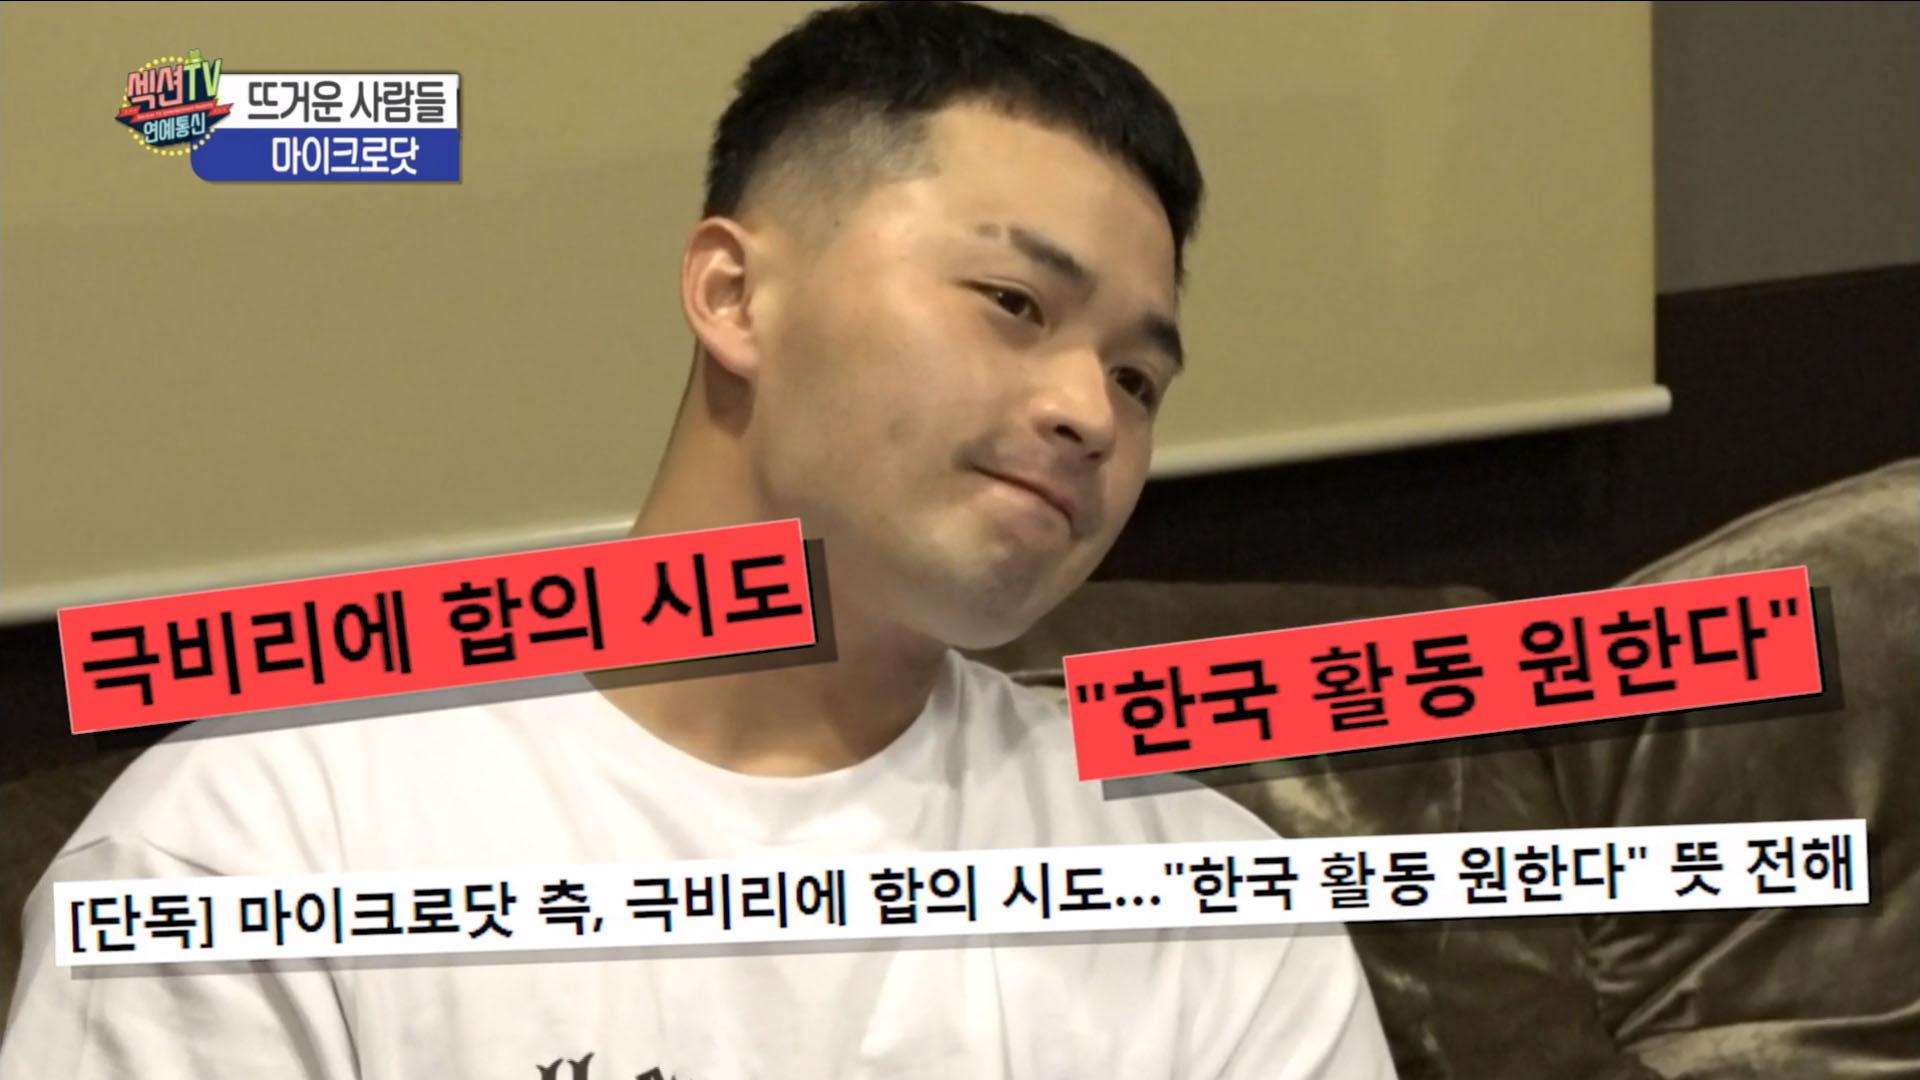 '섹션TV 연예통신' 마이크로닷 '한국 활동 원해 합의 시도' 합의 조...